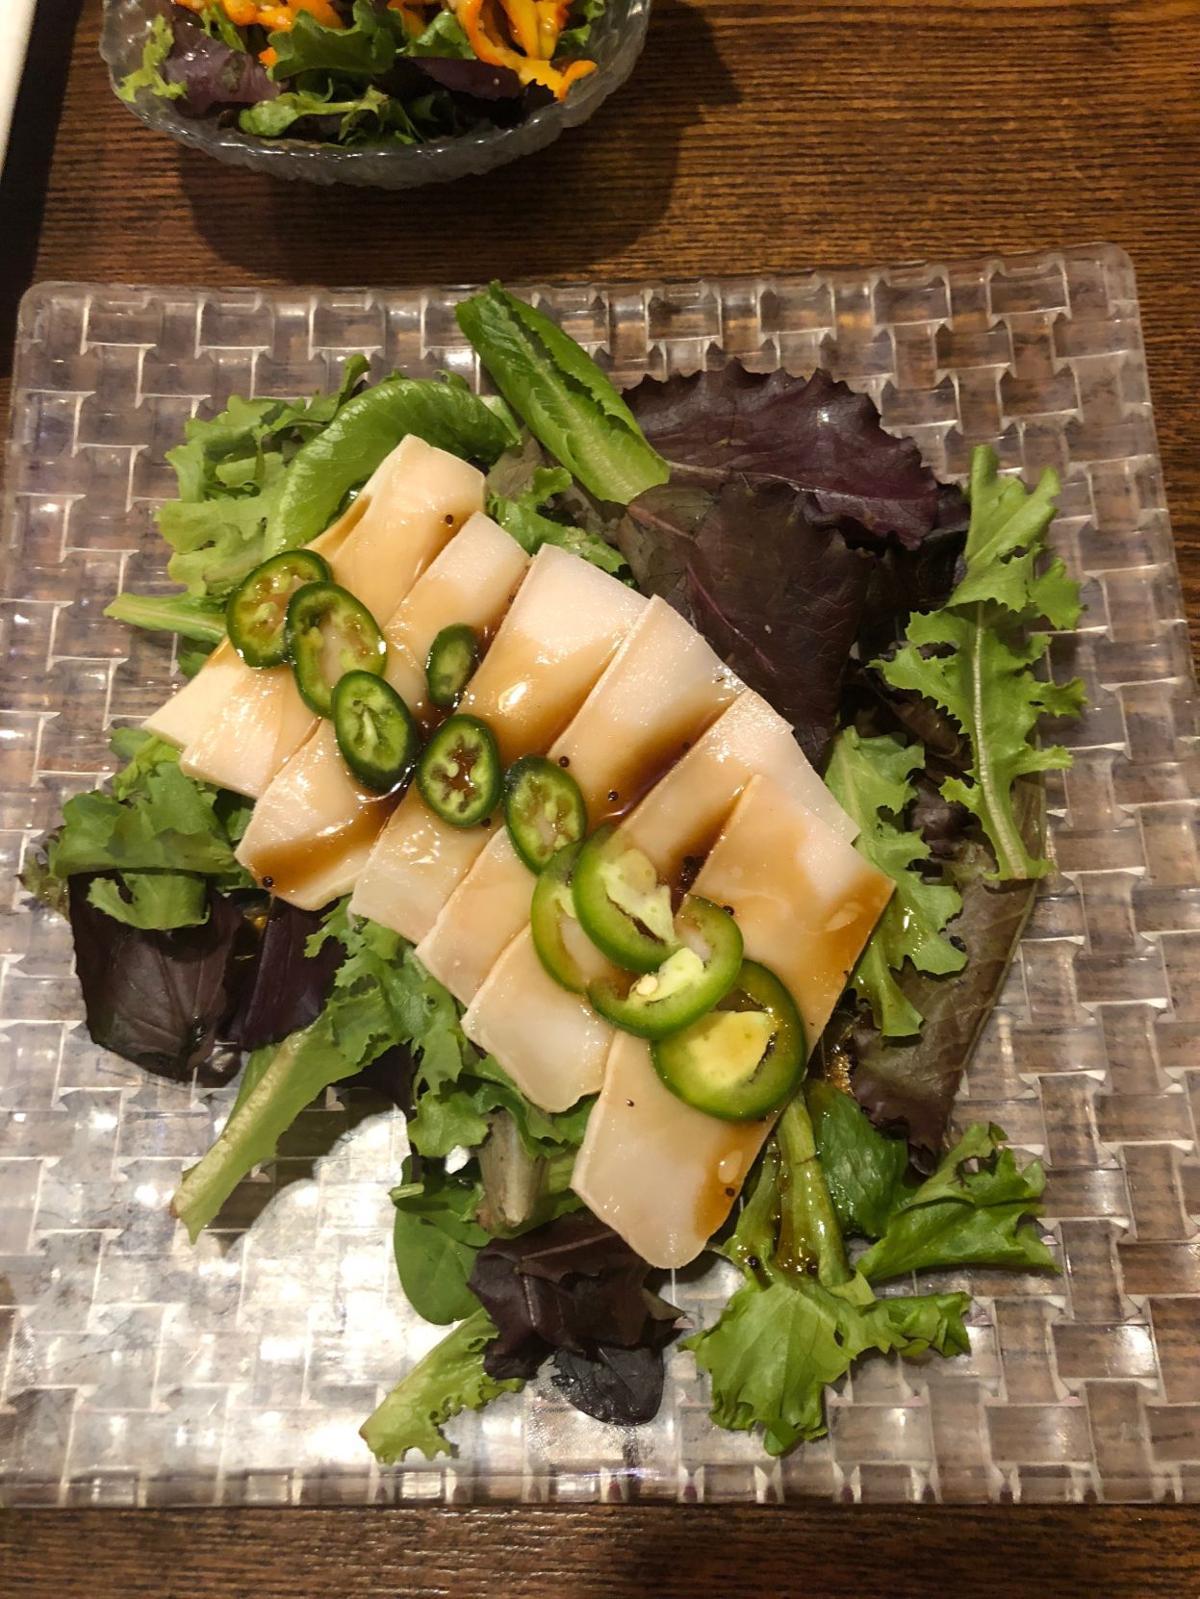 Date Night at Fuji: Best sushi in town